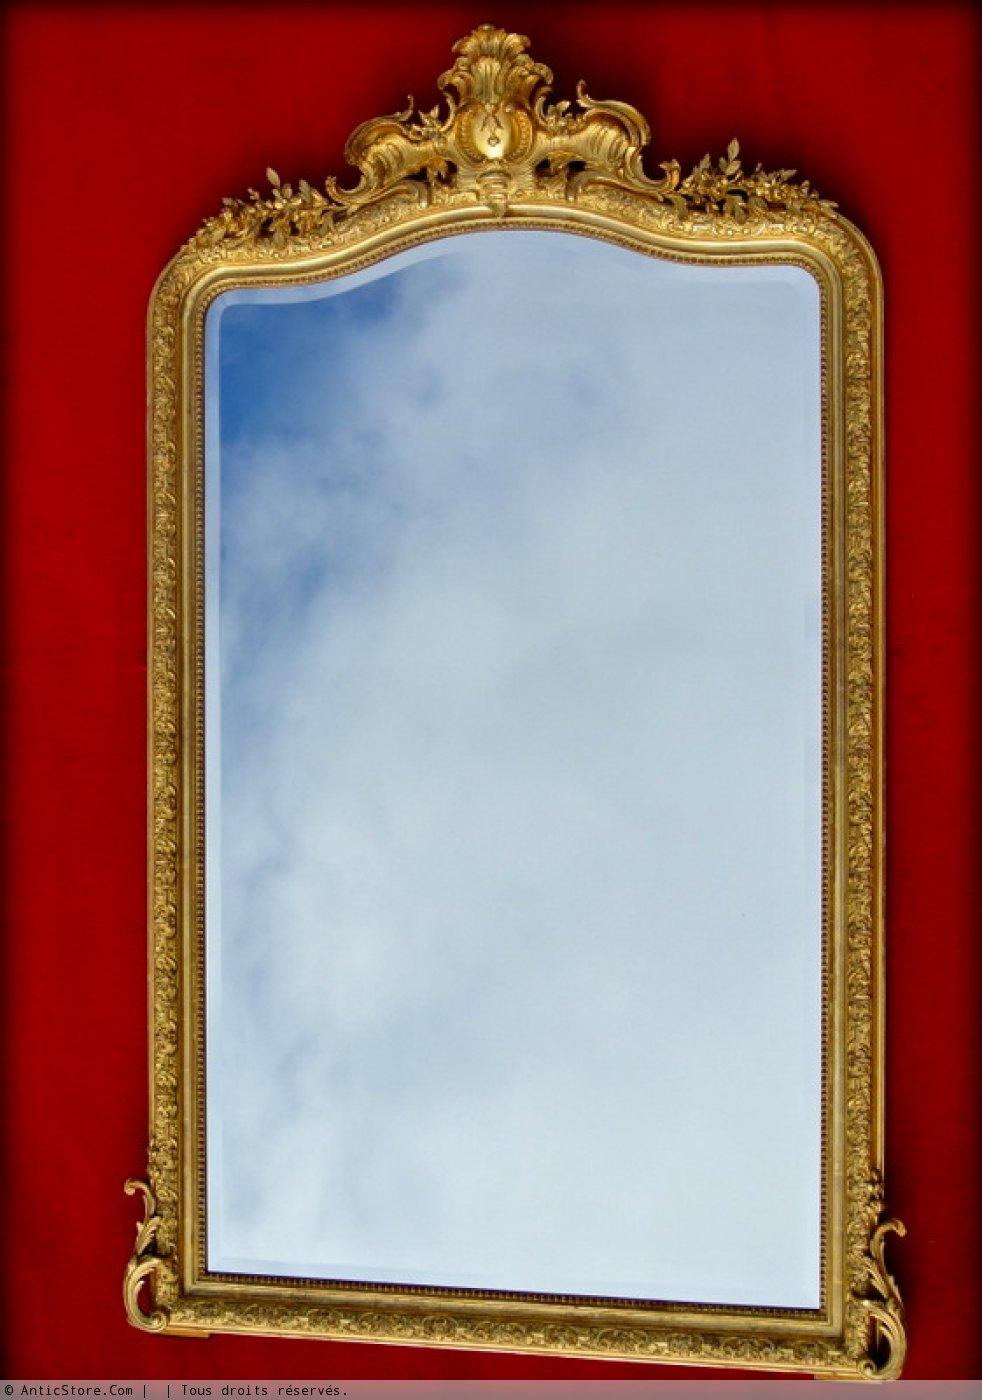 Grand miroir fronton xixe si cle for Grand miroir large